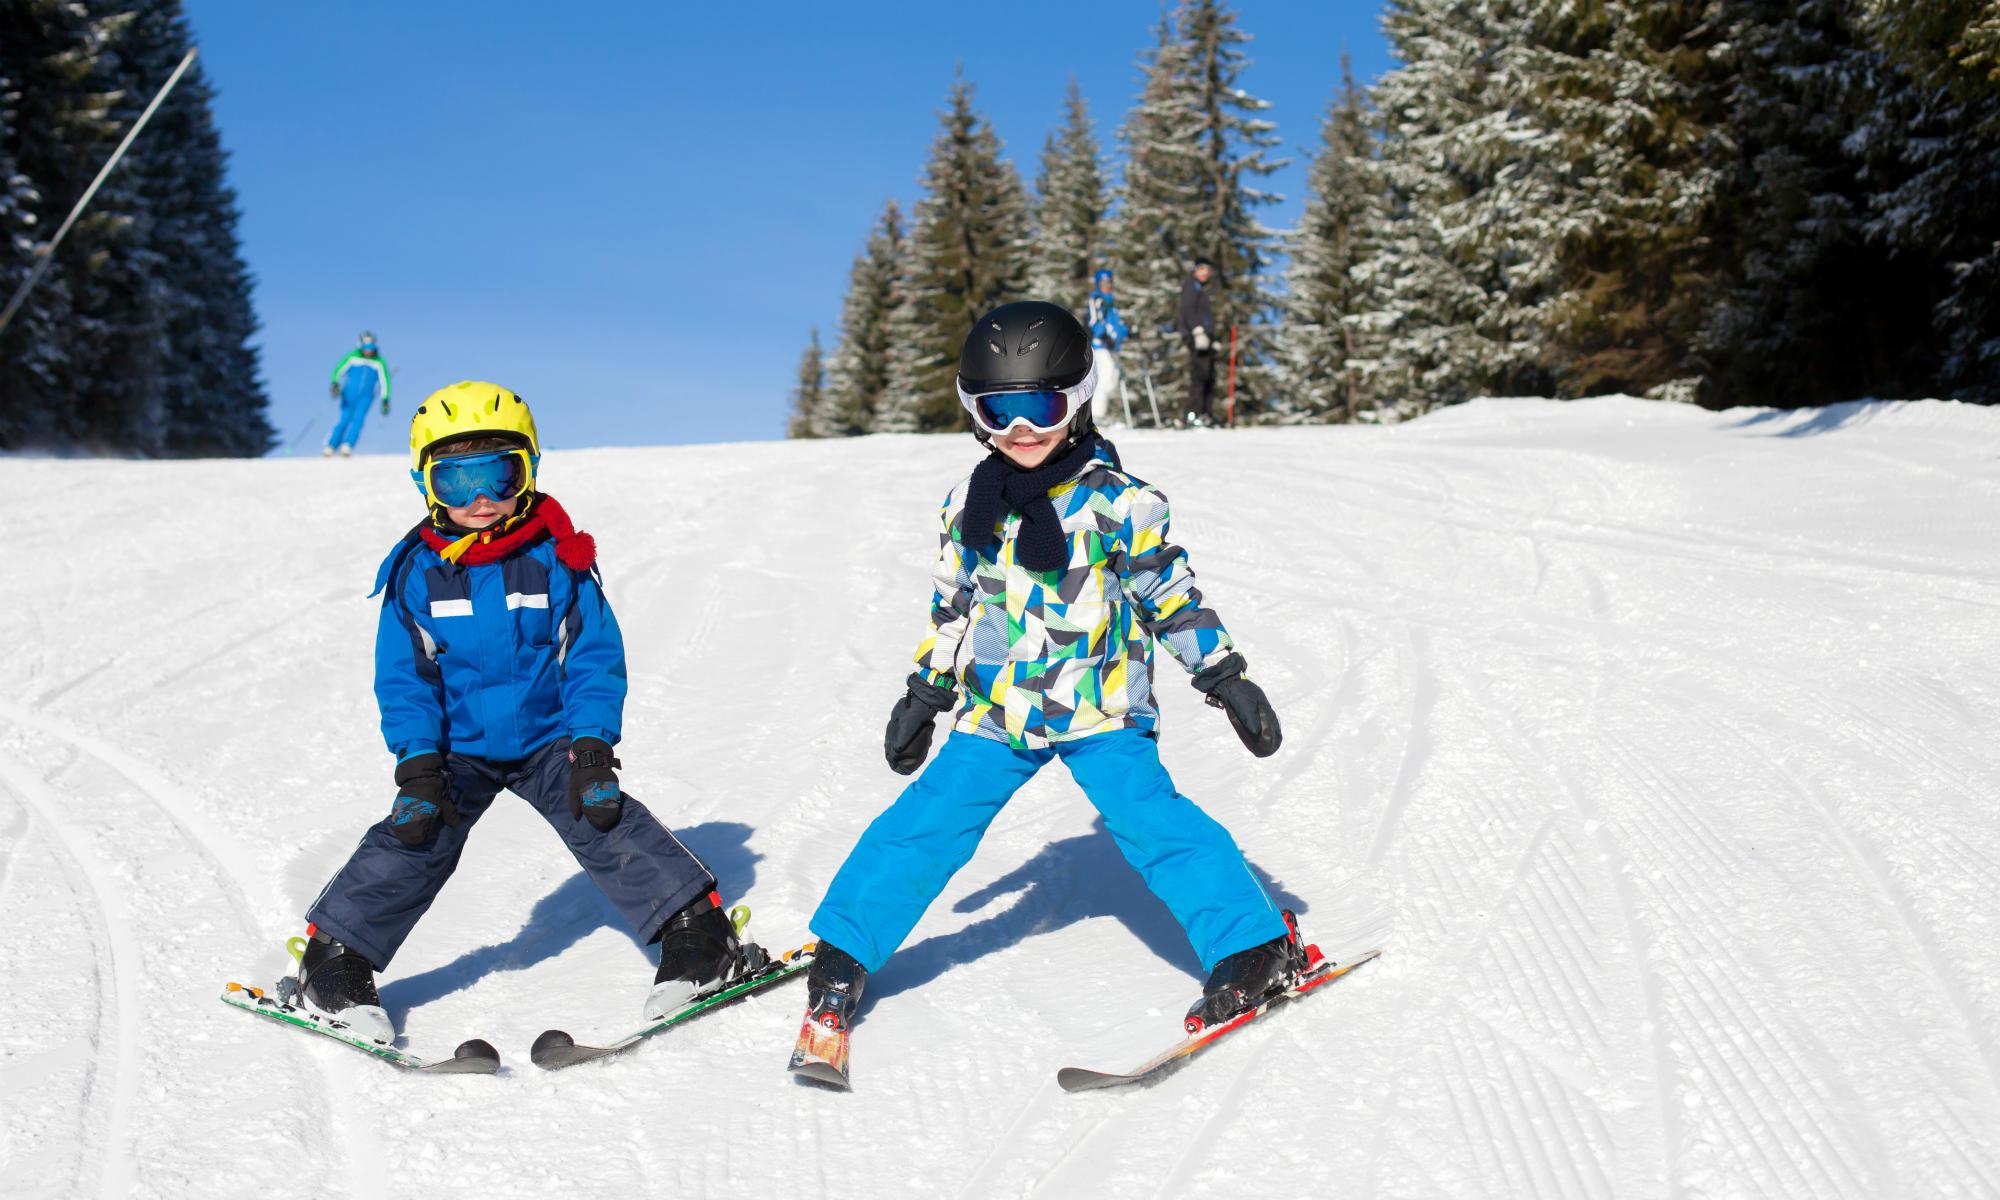 Egal ob Kinder oder Erwachsene, Skifahren lernen geht am Besten mit dem Schneepflug.